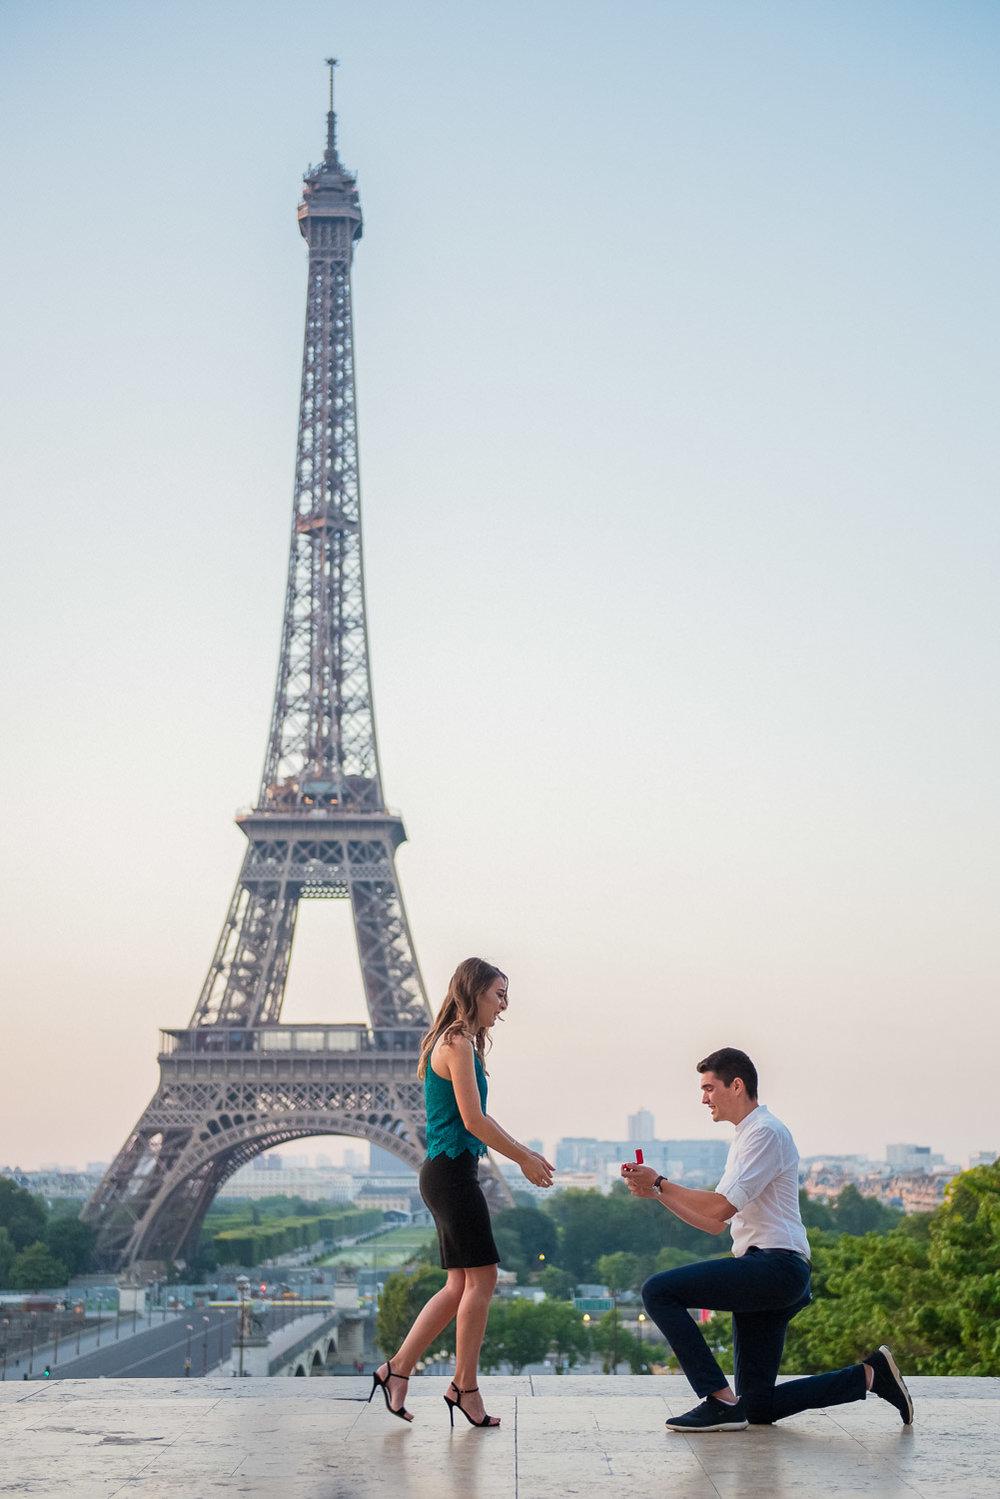 Paris sunrise surprise proposal session for Andrei & Daniela 28 June 2018-8.jpg